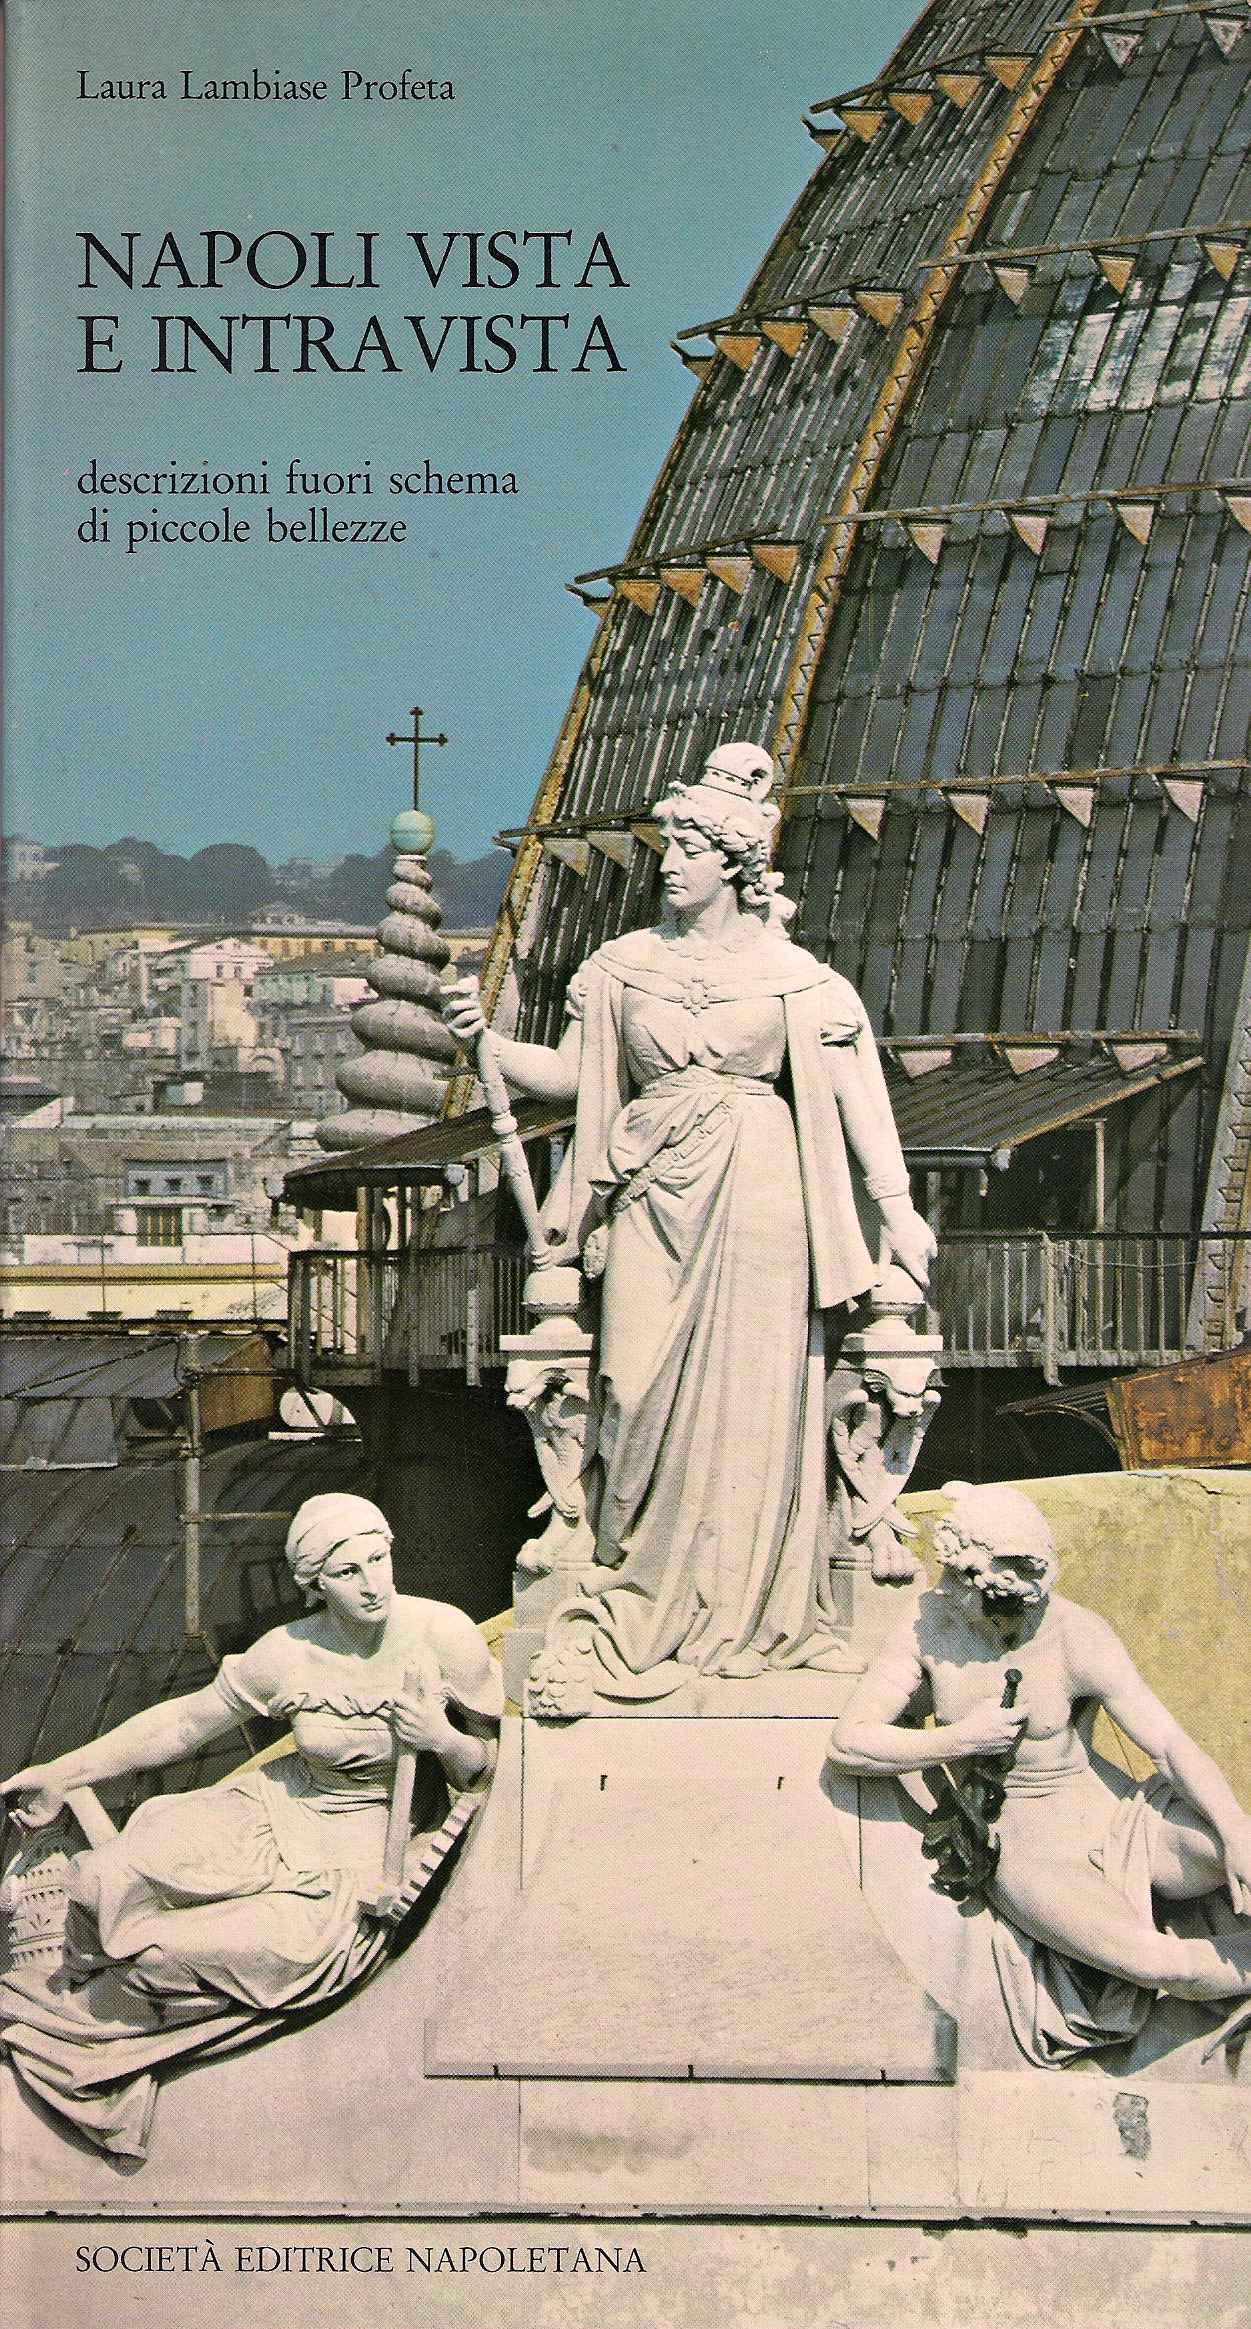 Napoli vista e intravista